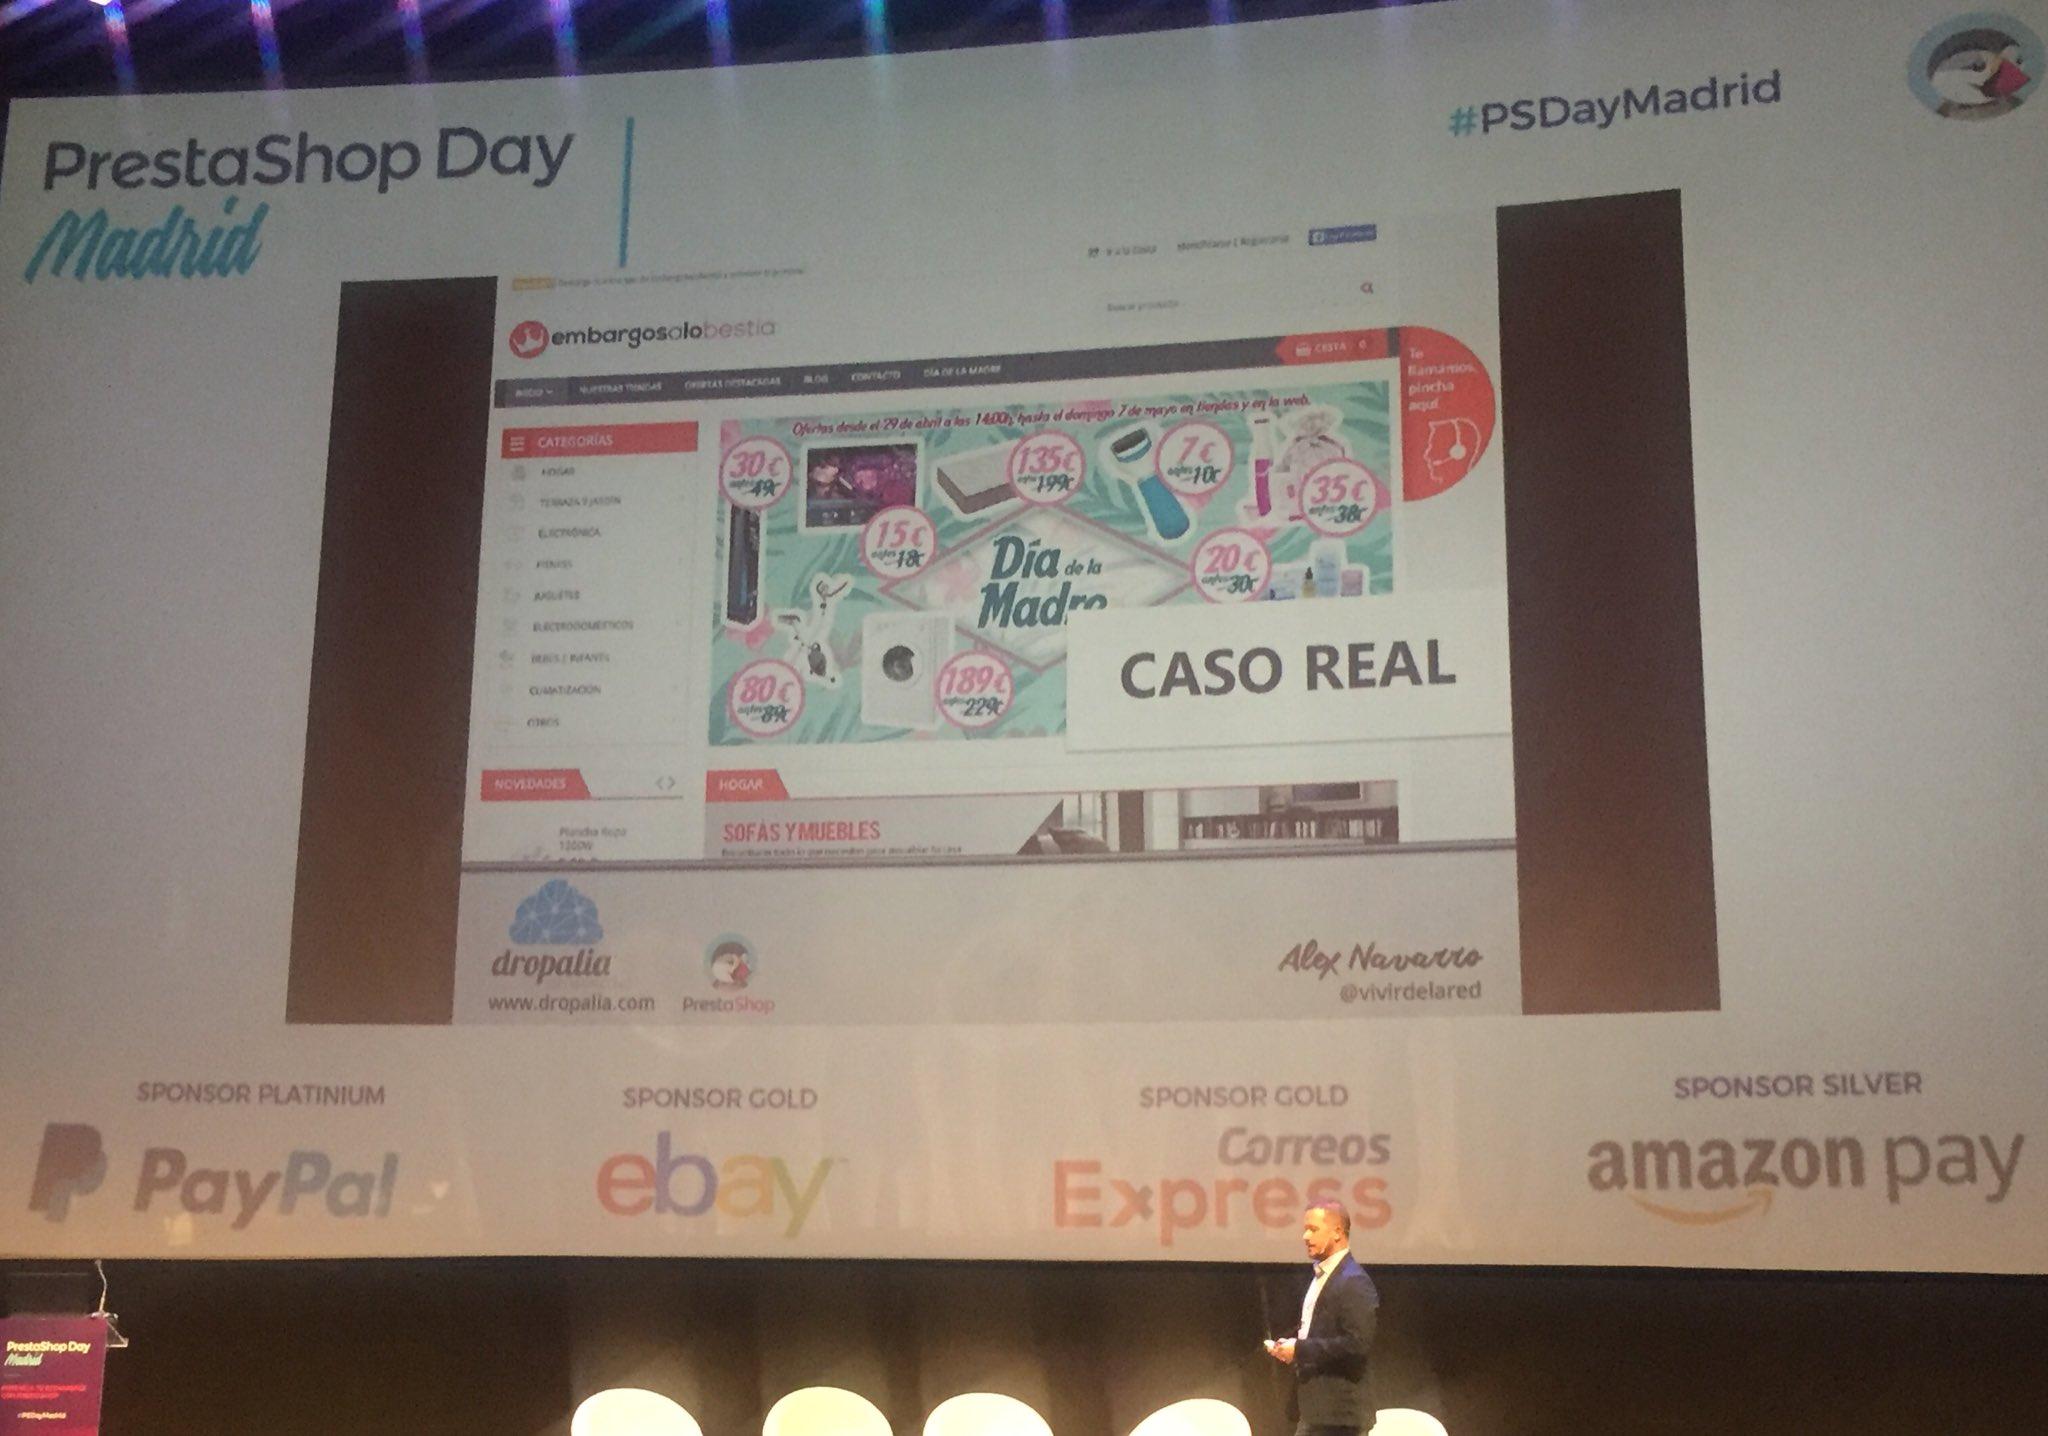 SDI patrocina el PrestaShop Day 2